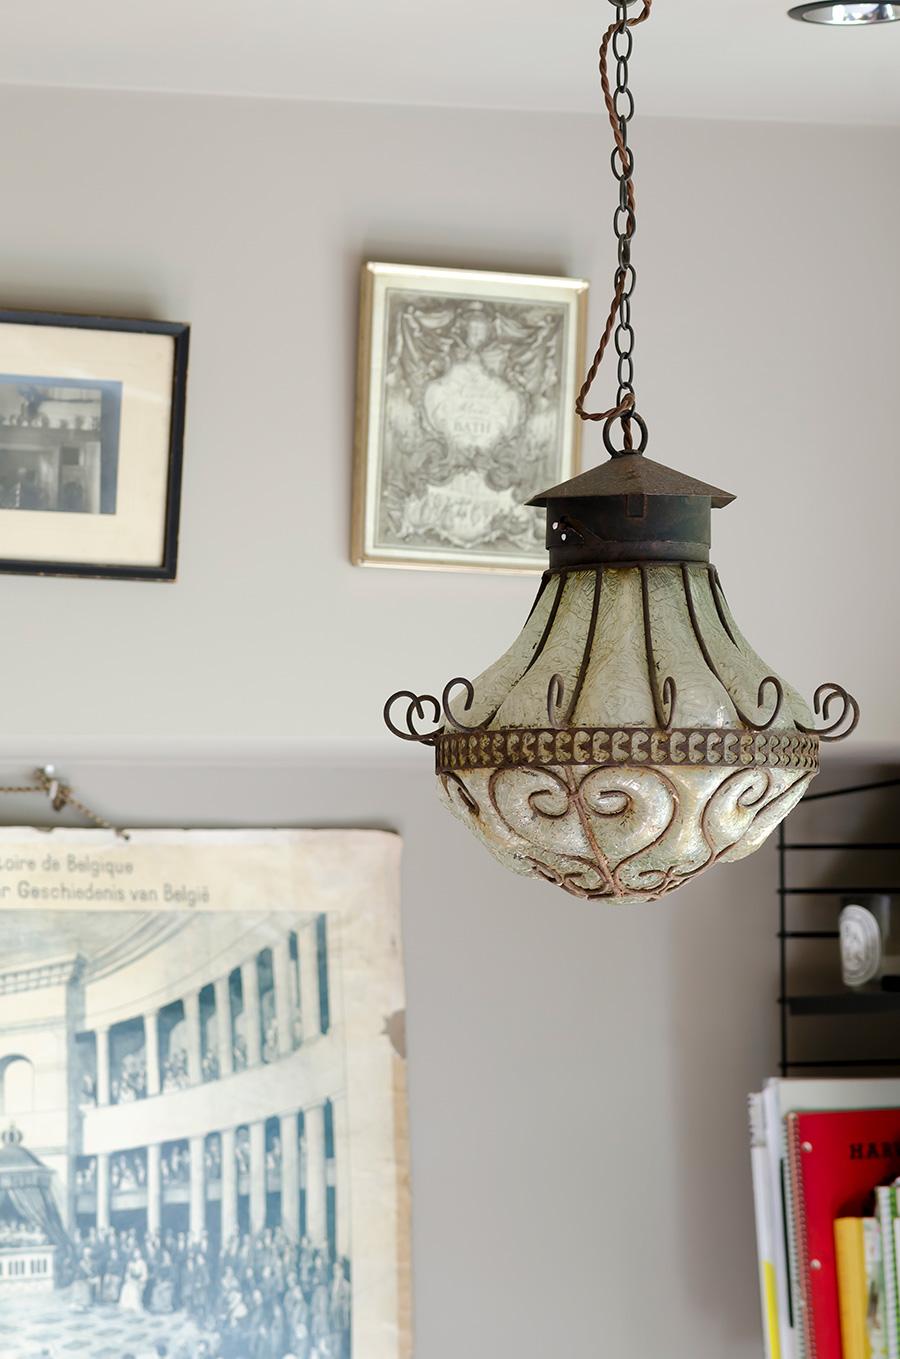 モロッコのガラスの照明。これを吊るすために天井の強度を増してもらった。